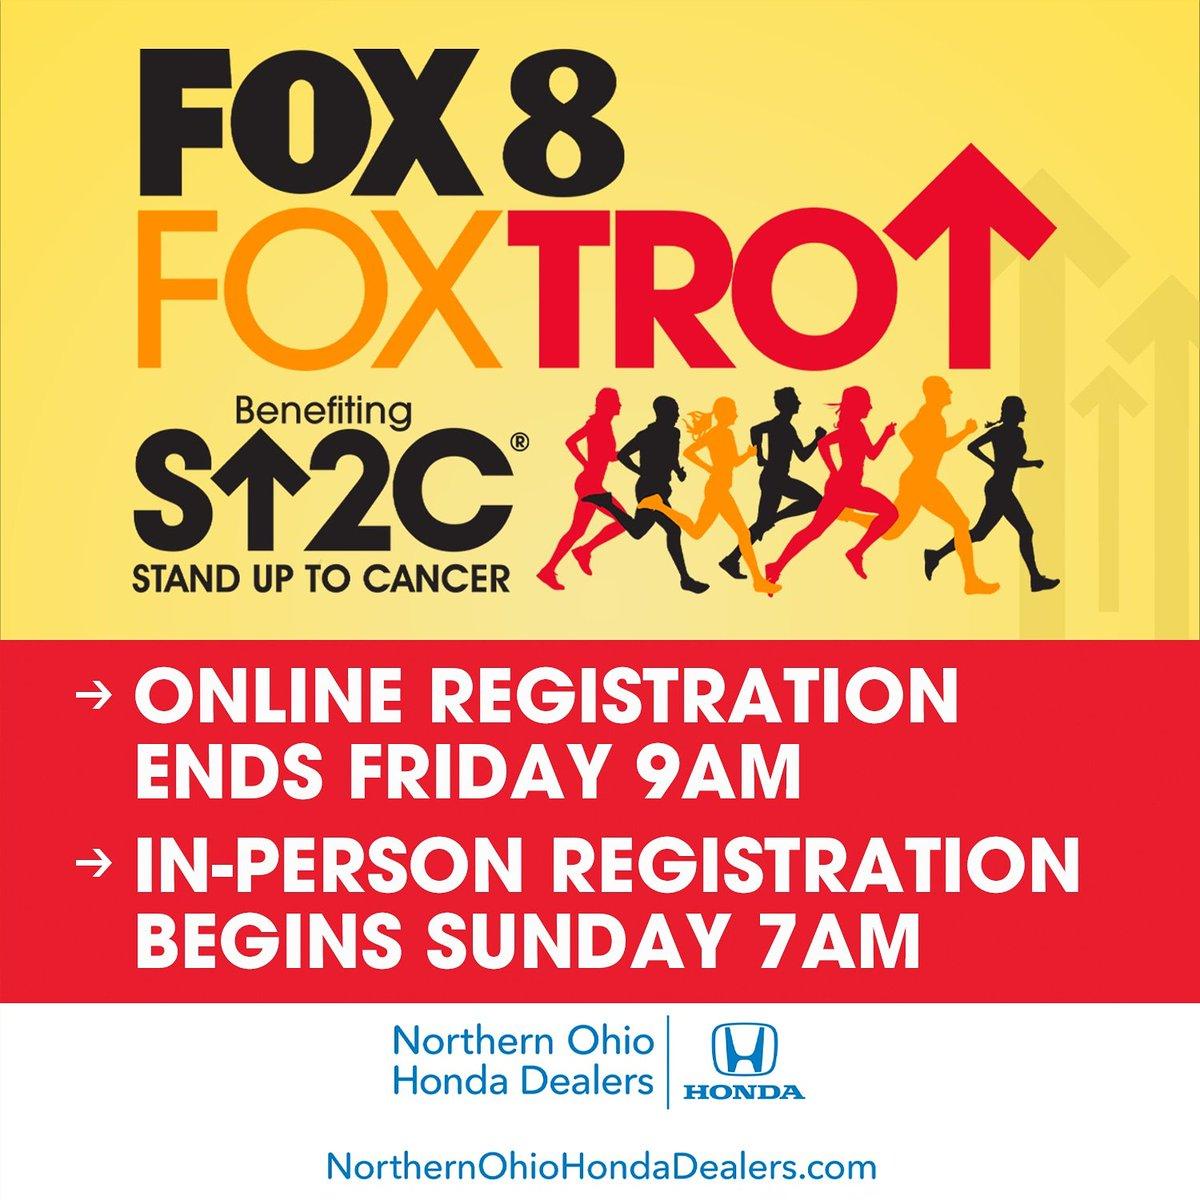 FOX 8 Fox Trot on Twitter: